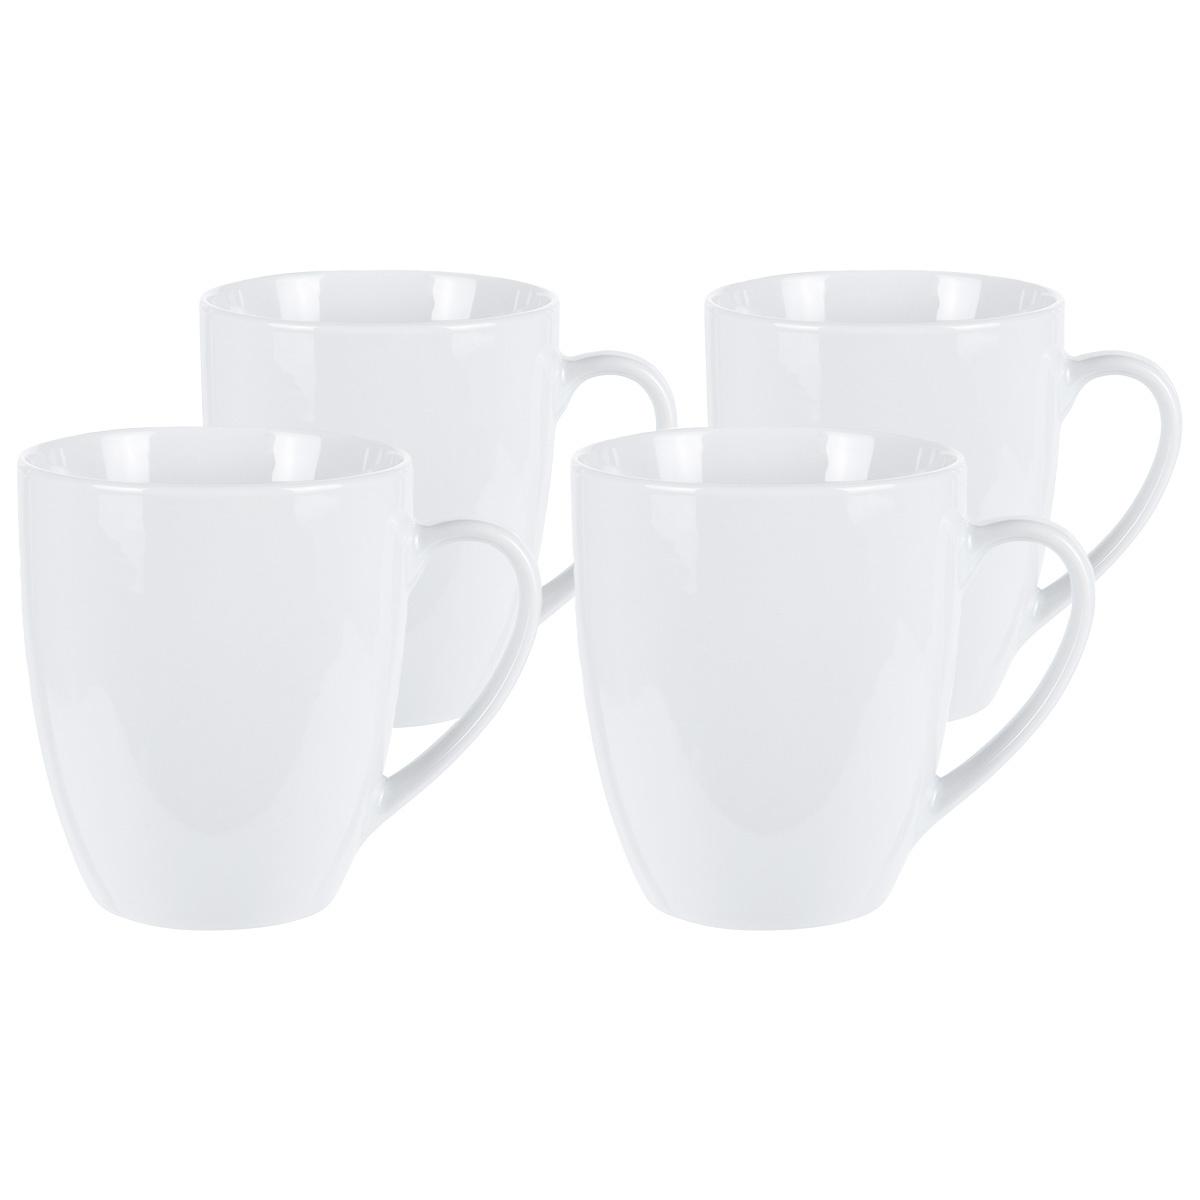 4dílná sada porcelánových hrnků White, 380 ml